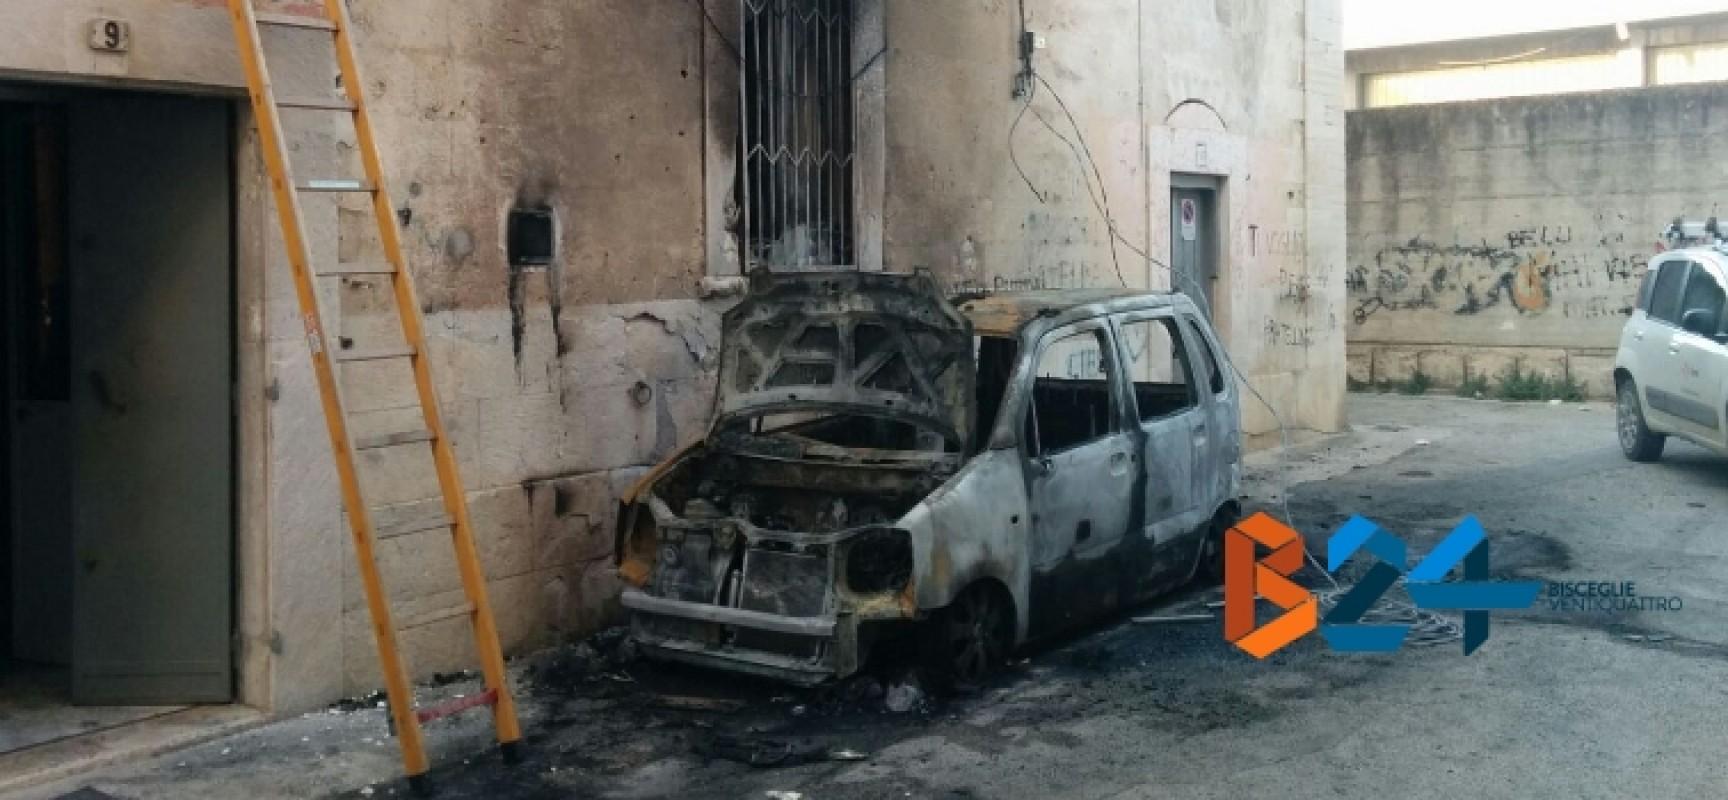 Auto prende fuoco in via Varese alle prime luci dell'alba, danneggiata palazzina / FOTO